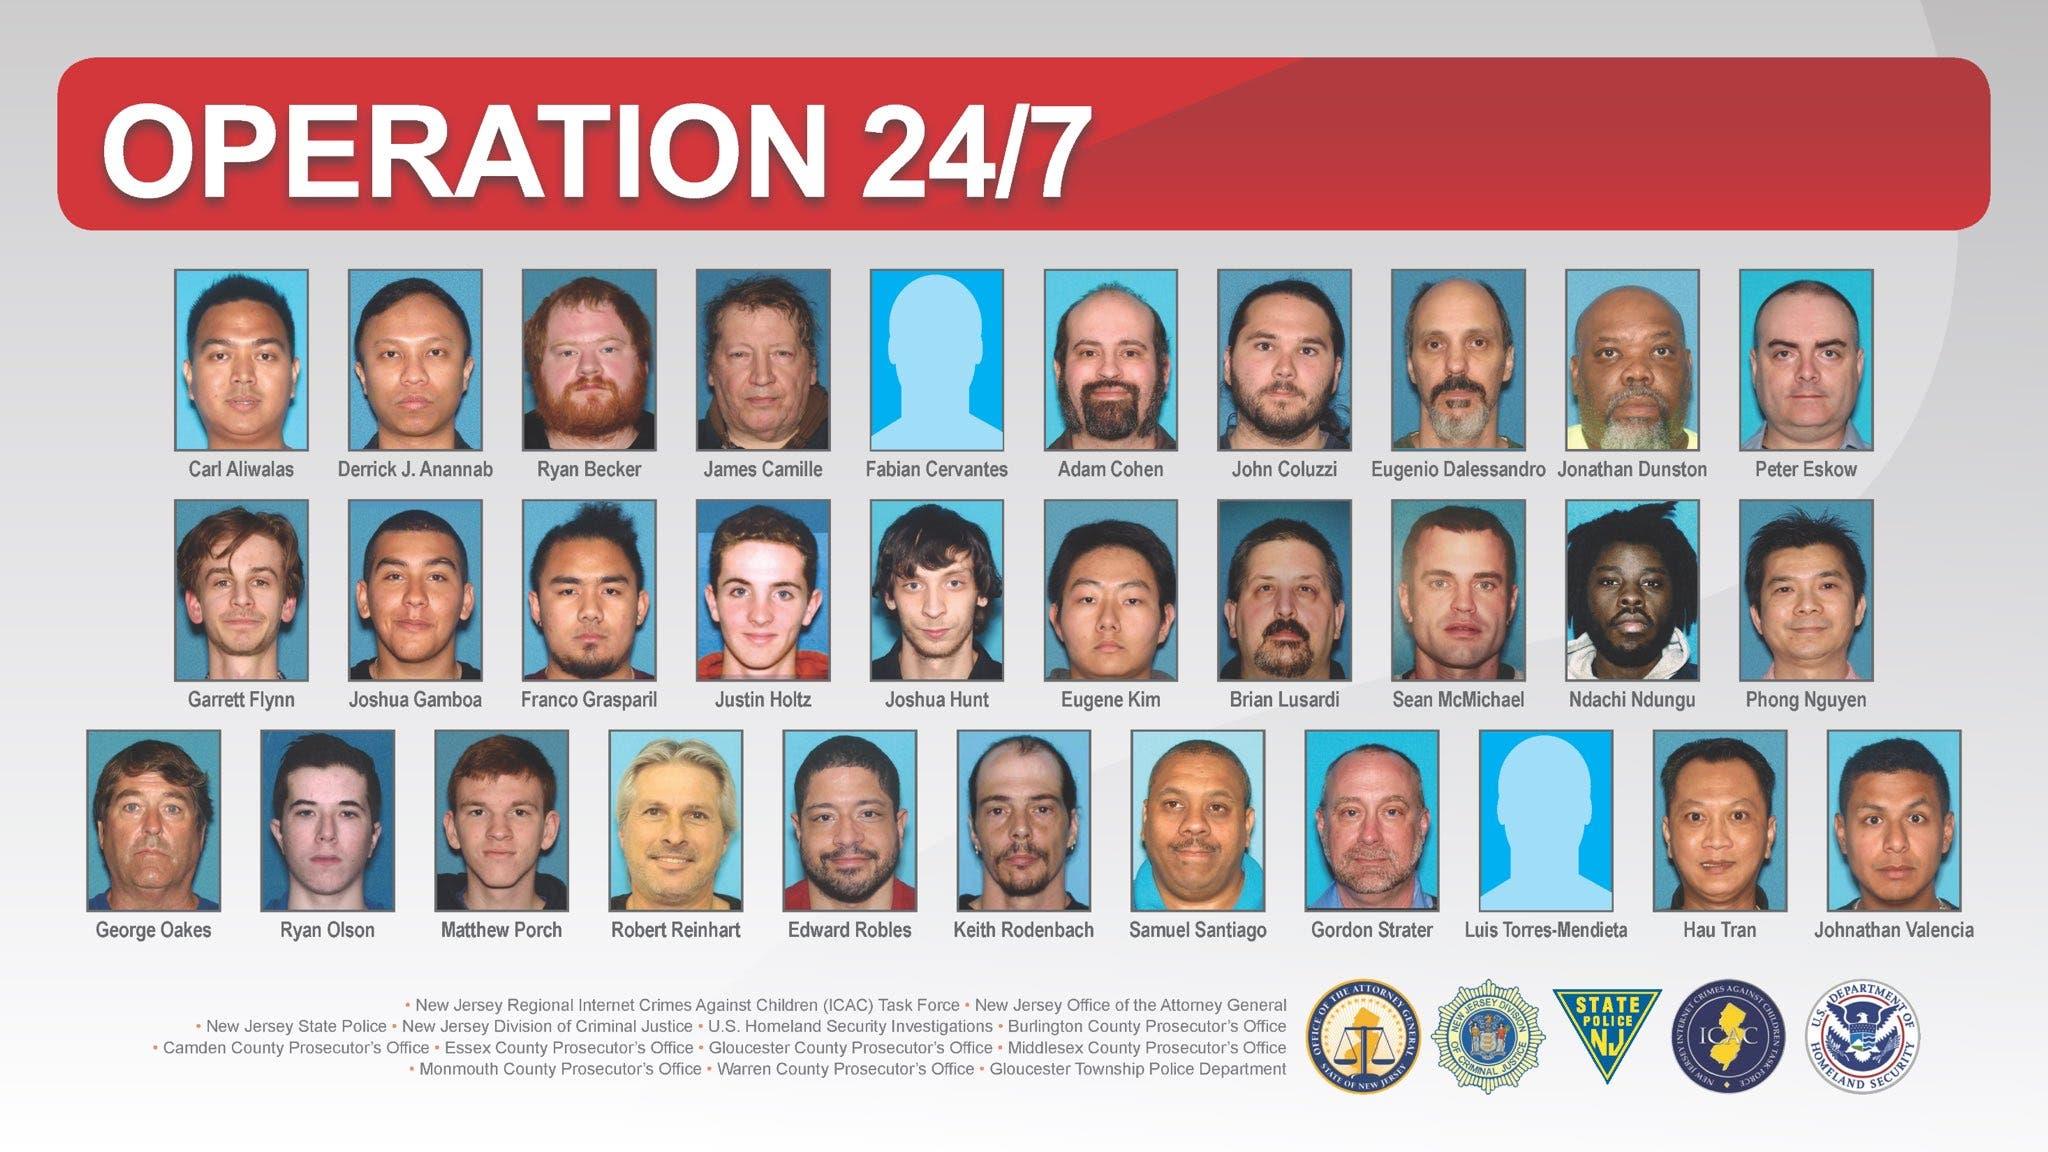 Nueva Jersey arresta a 31 personas por explotación sexual infantil en la red